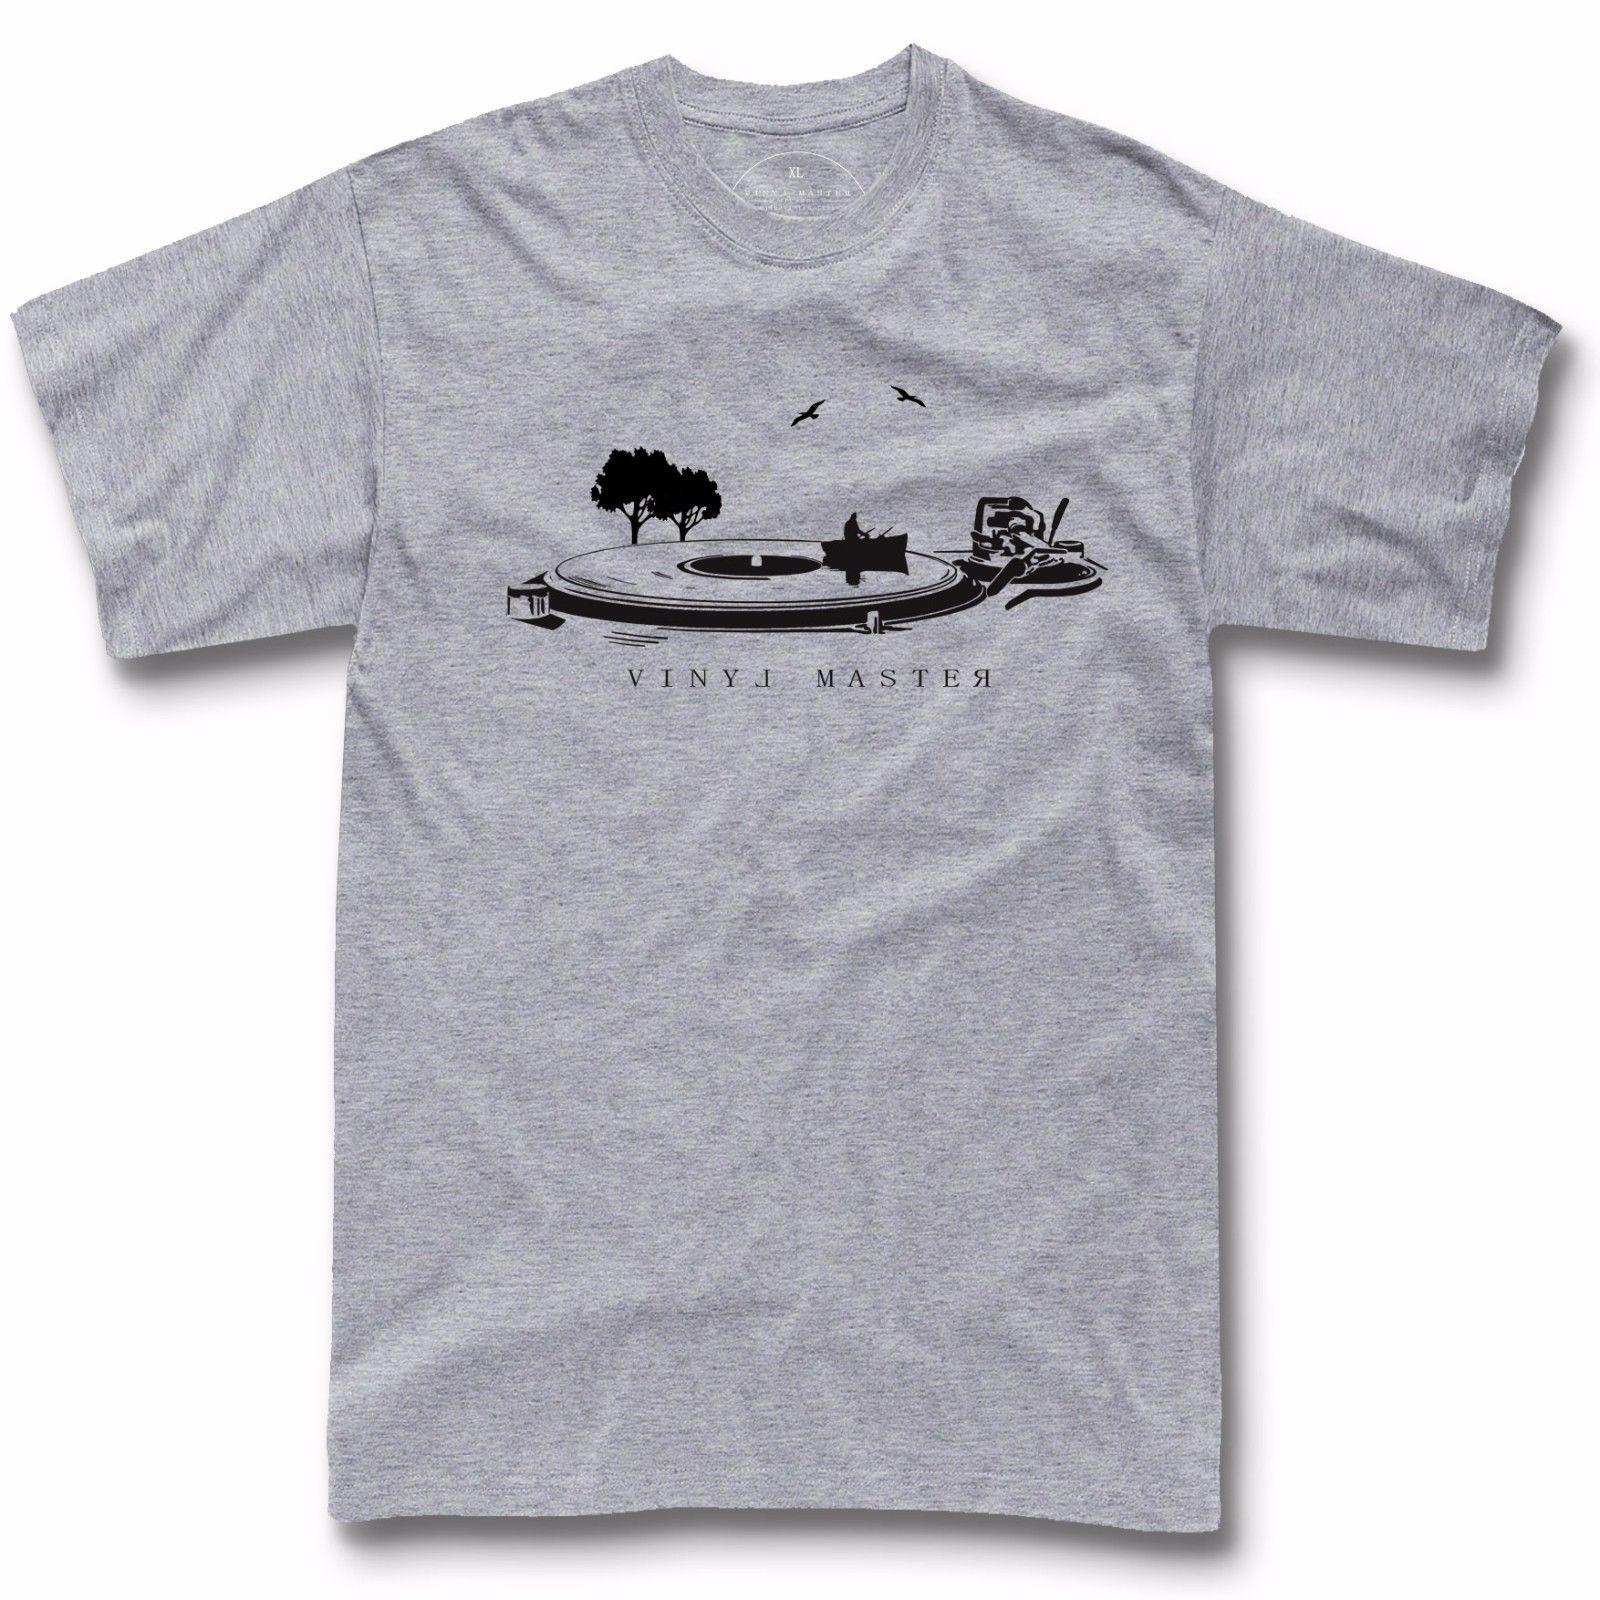 f90337d25 disque-vinyle-t-shirt-art-nouveau-analog.jpg